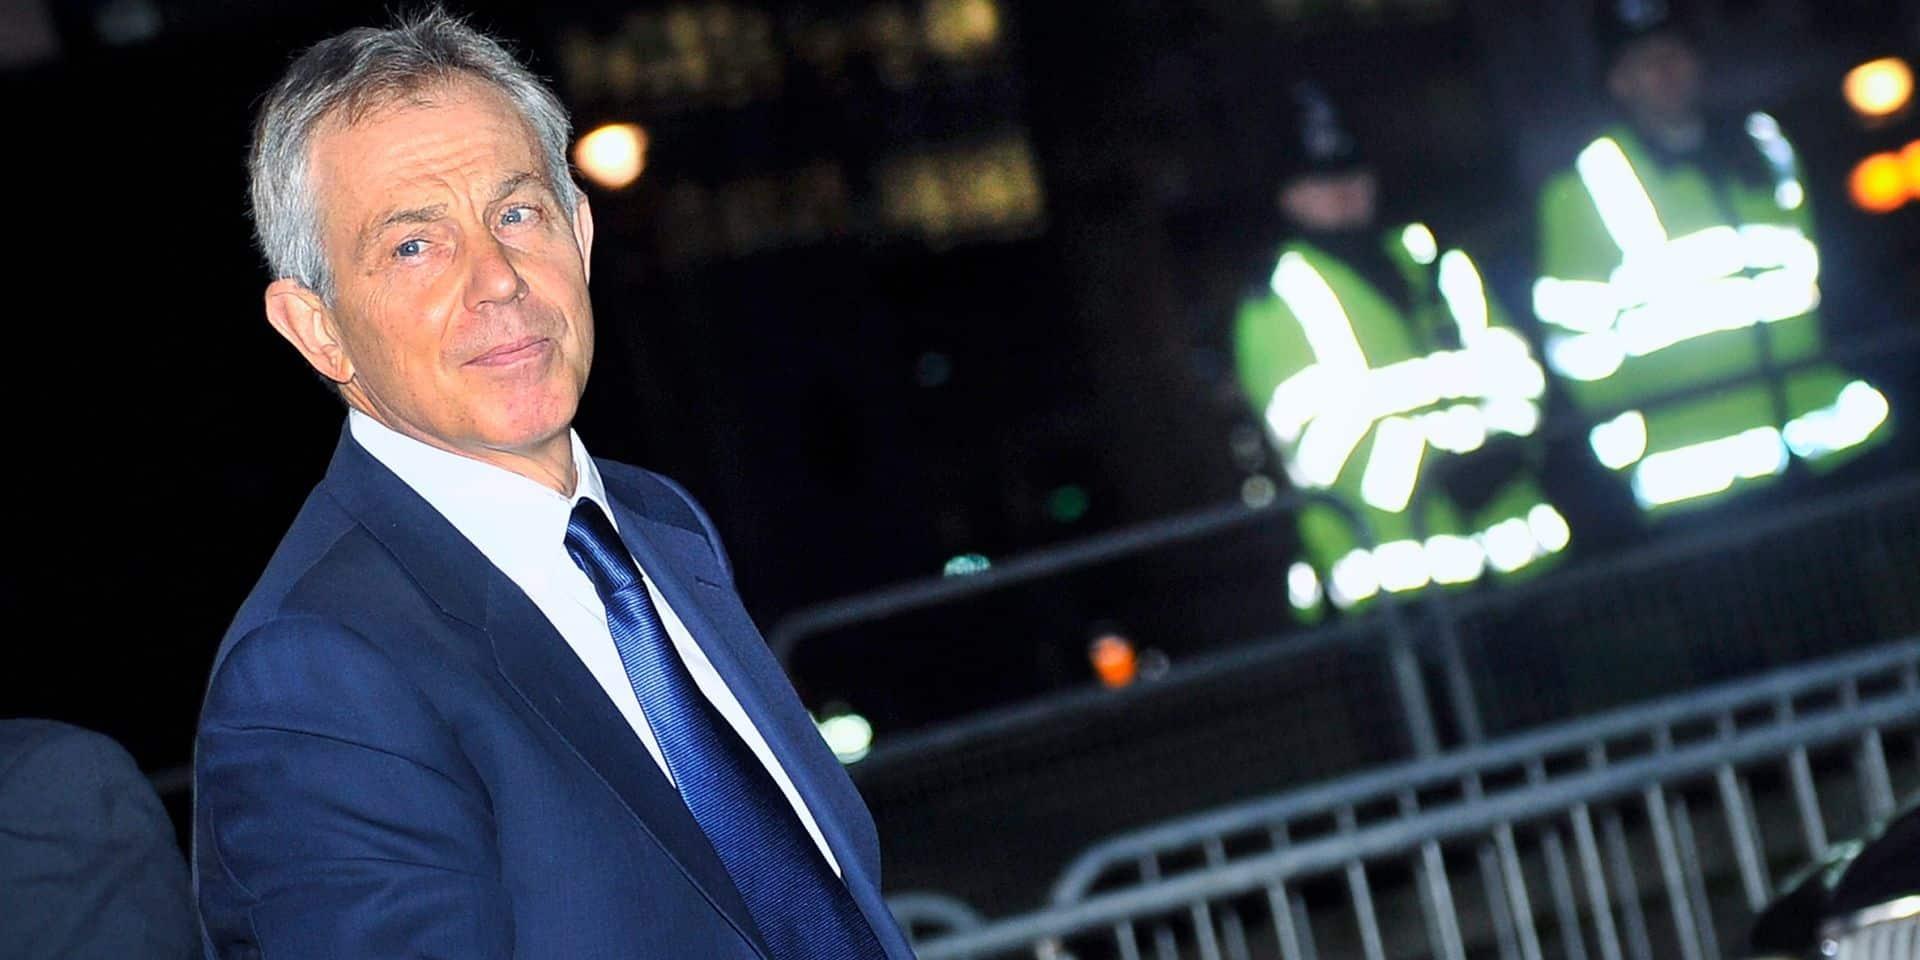 """Tony Blair dit ne pas avoir aimé être Premier ministre: """"J'étais insatisfait"""""""